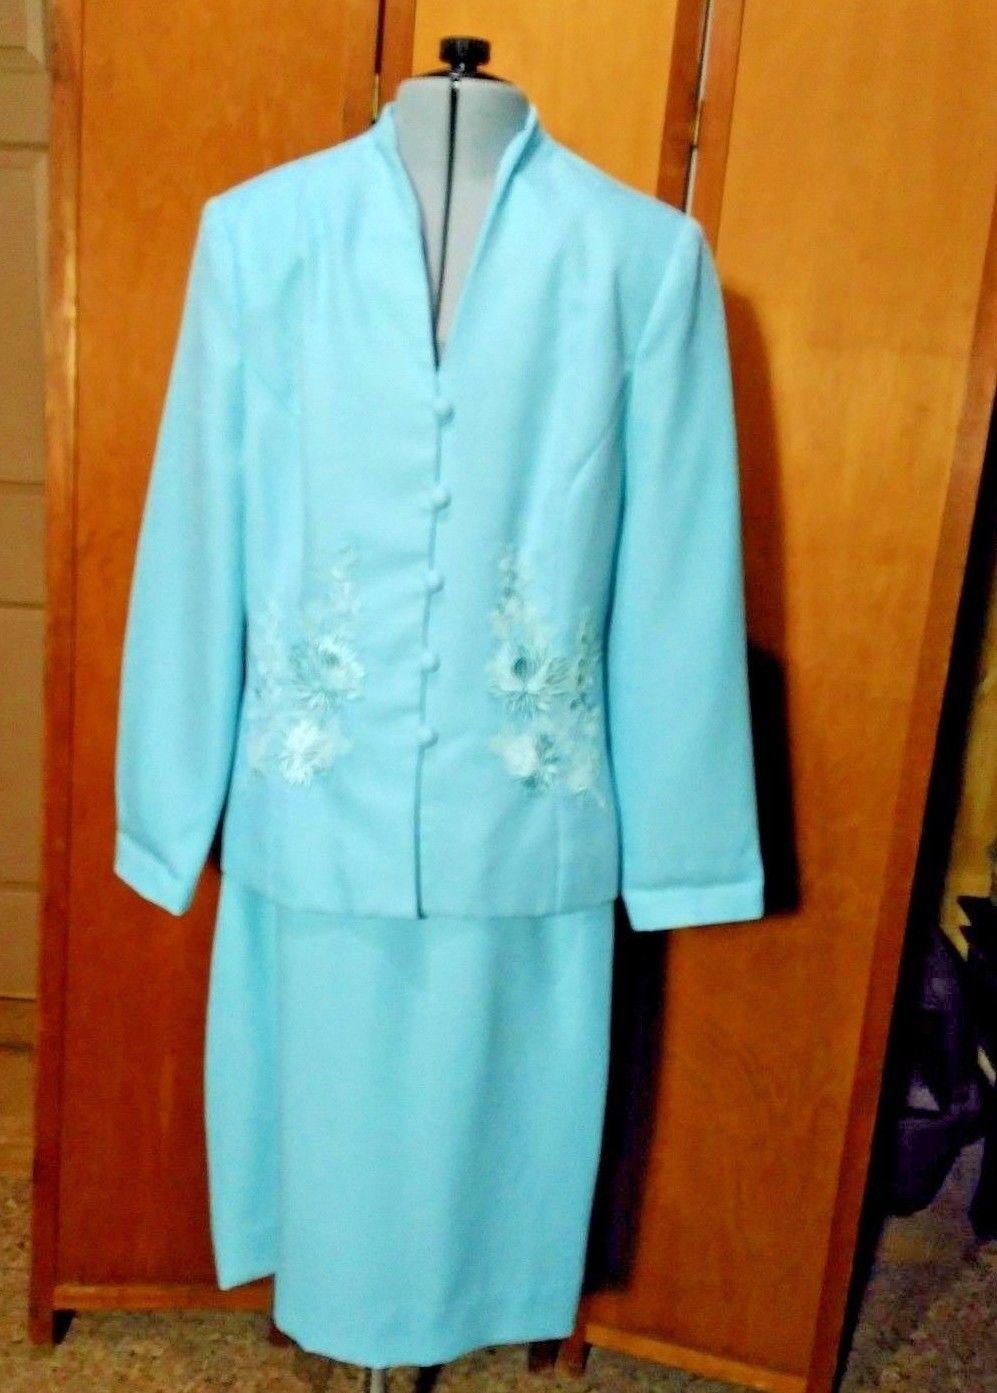 Henry-Lee Skirt Suit Size 8 Light Blue, Floral Appliqué,